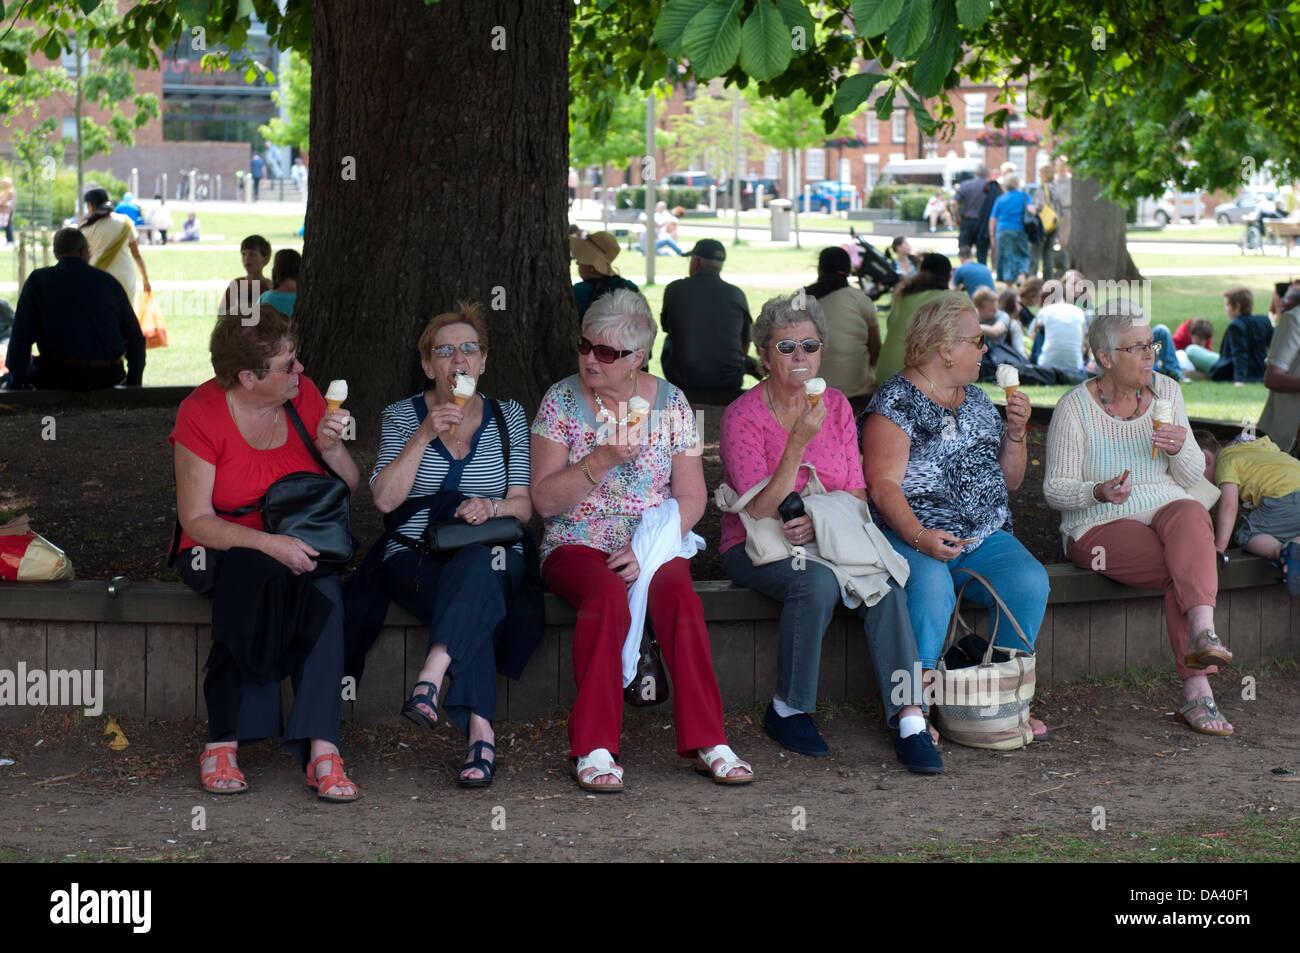 Women eating ice creams, Stratford-upon-Avon, UK - Stock Image